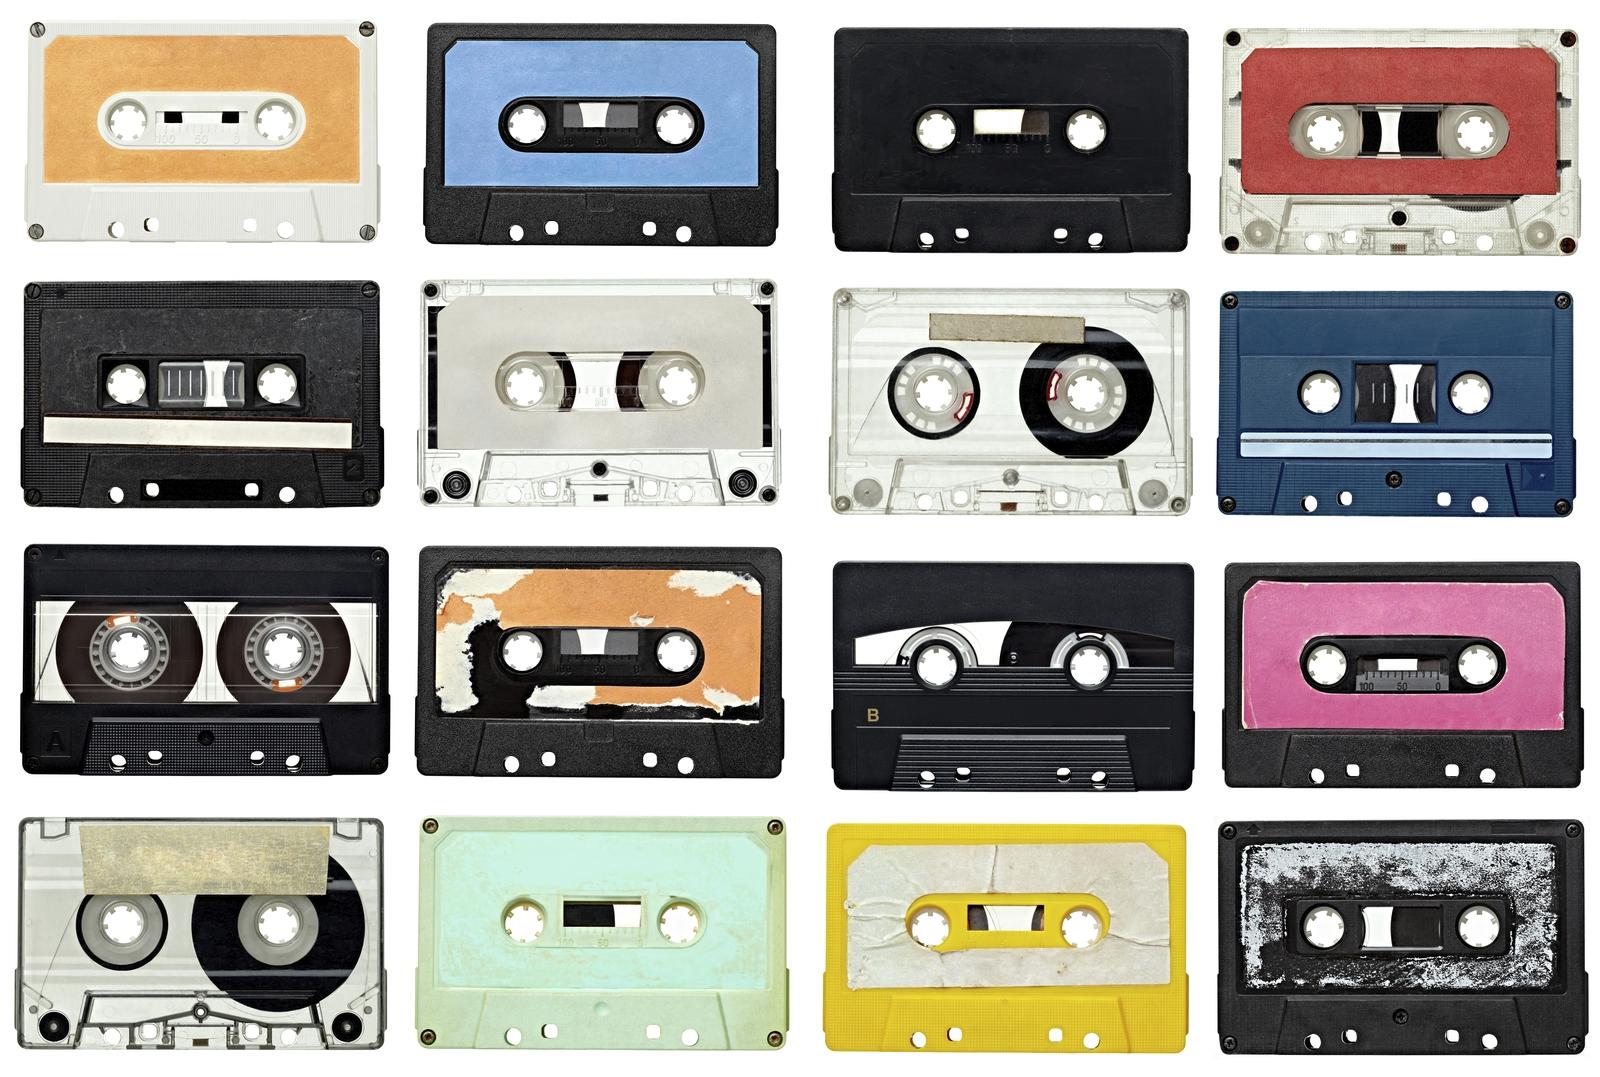 За прошлый год продажи кассет в США выросли на 74%